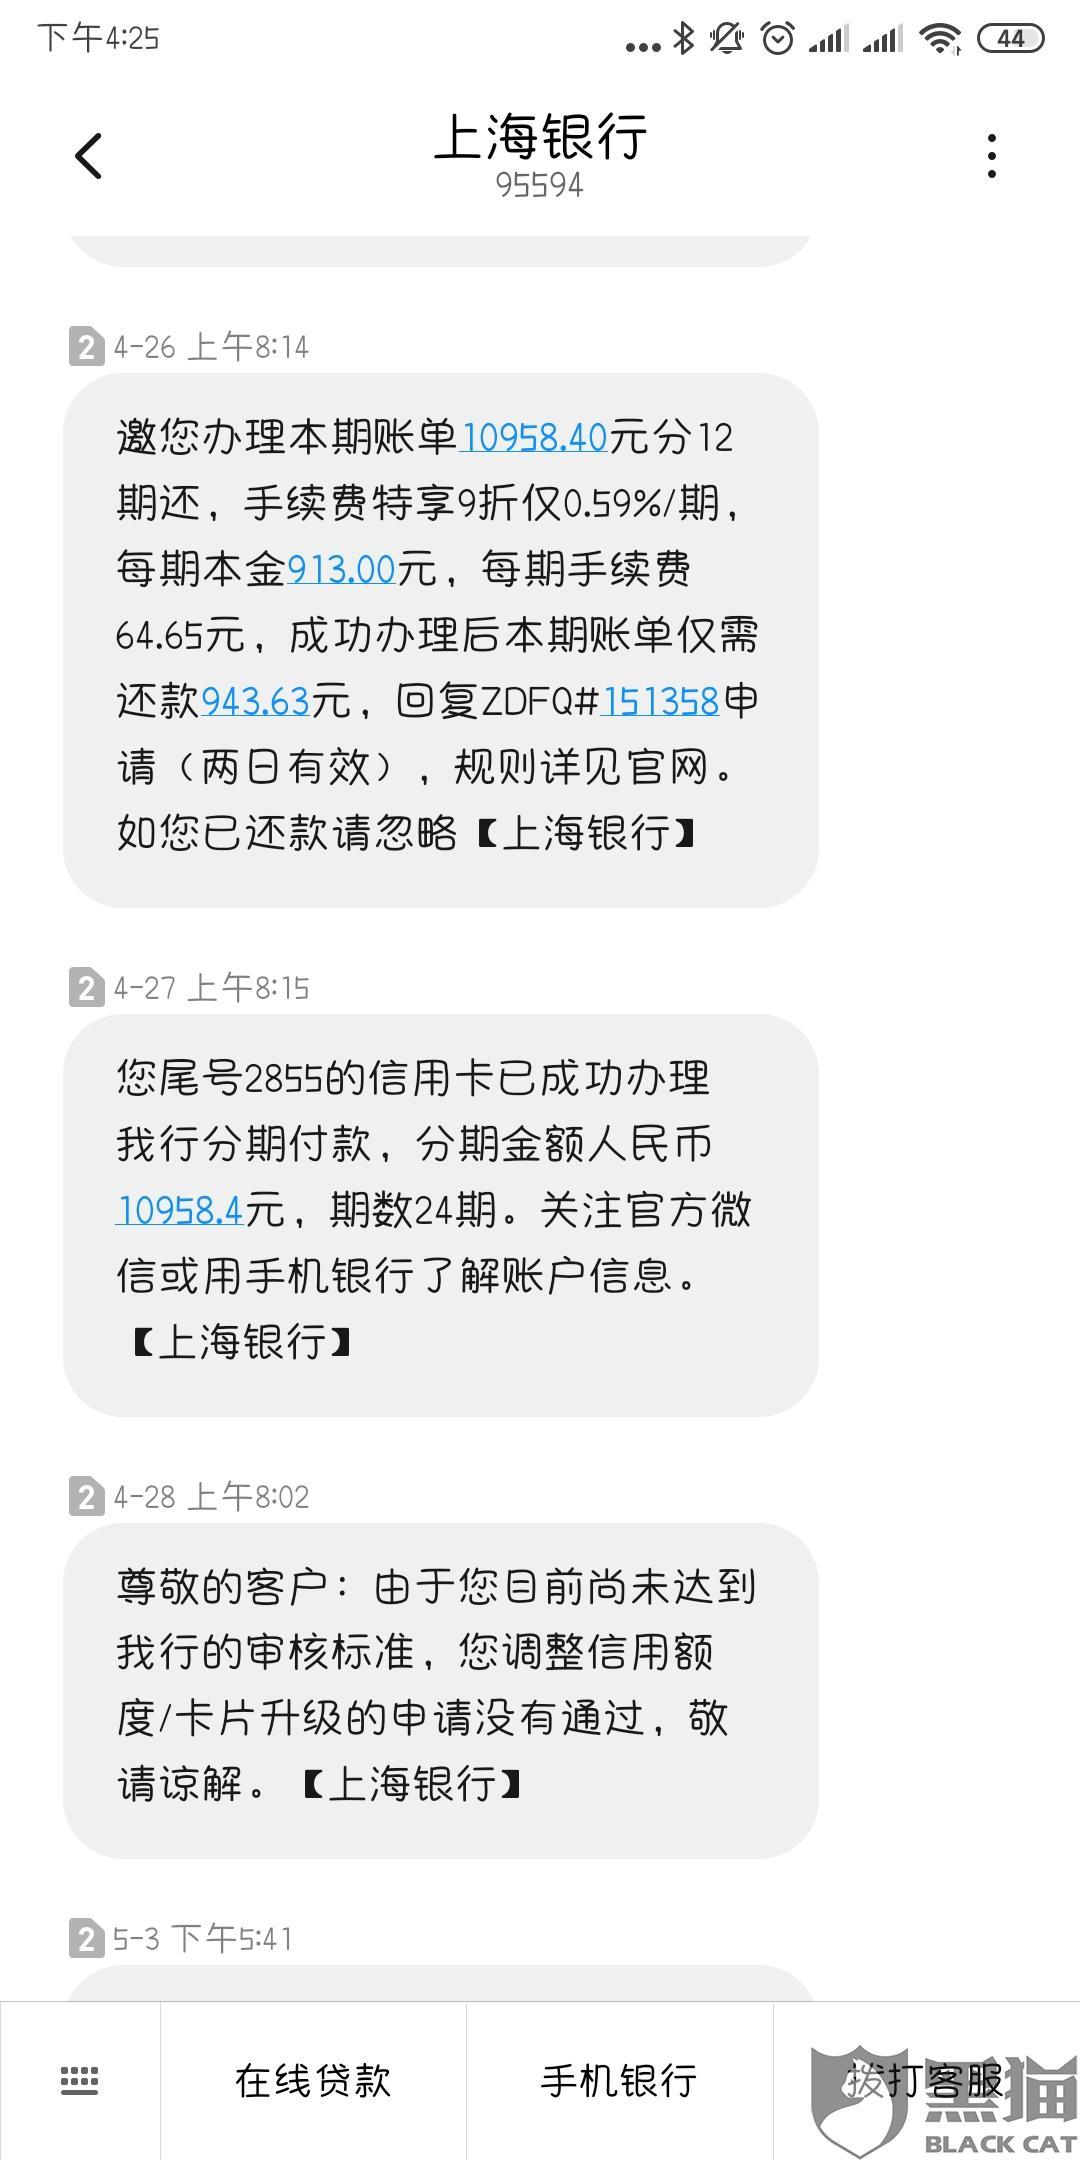 黑猫投诉:上海银行信用卡客服诱导客户办理分期